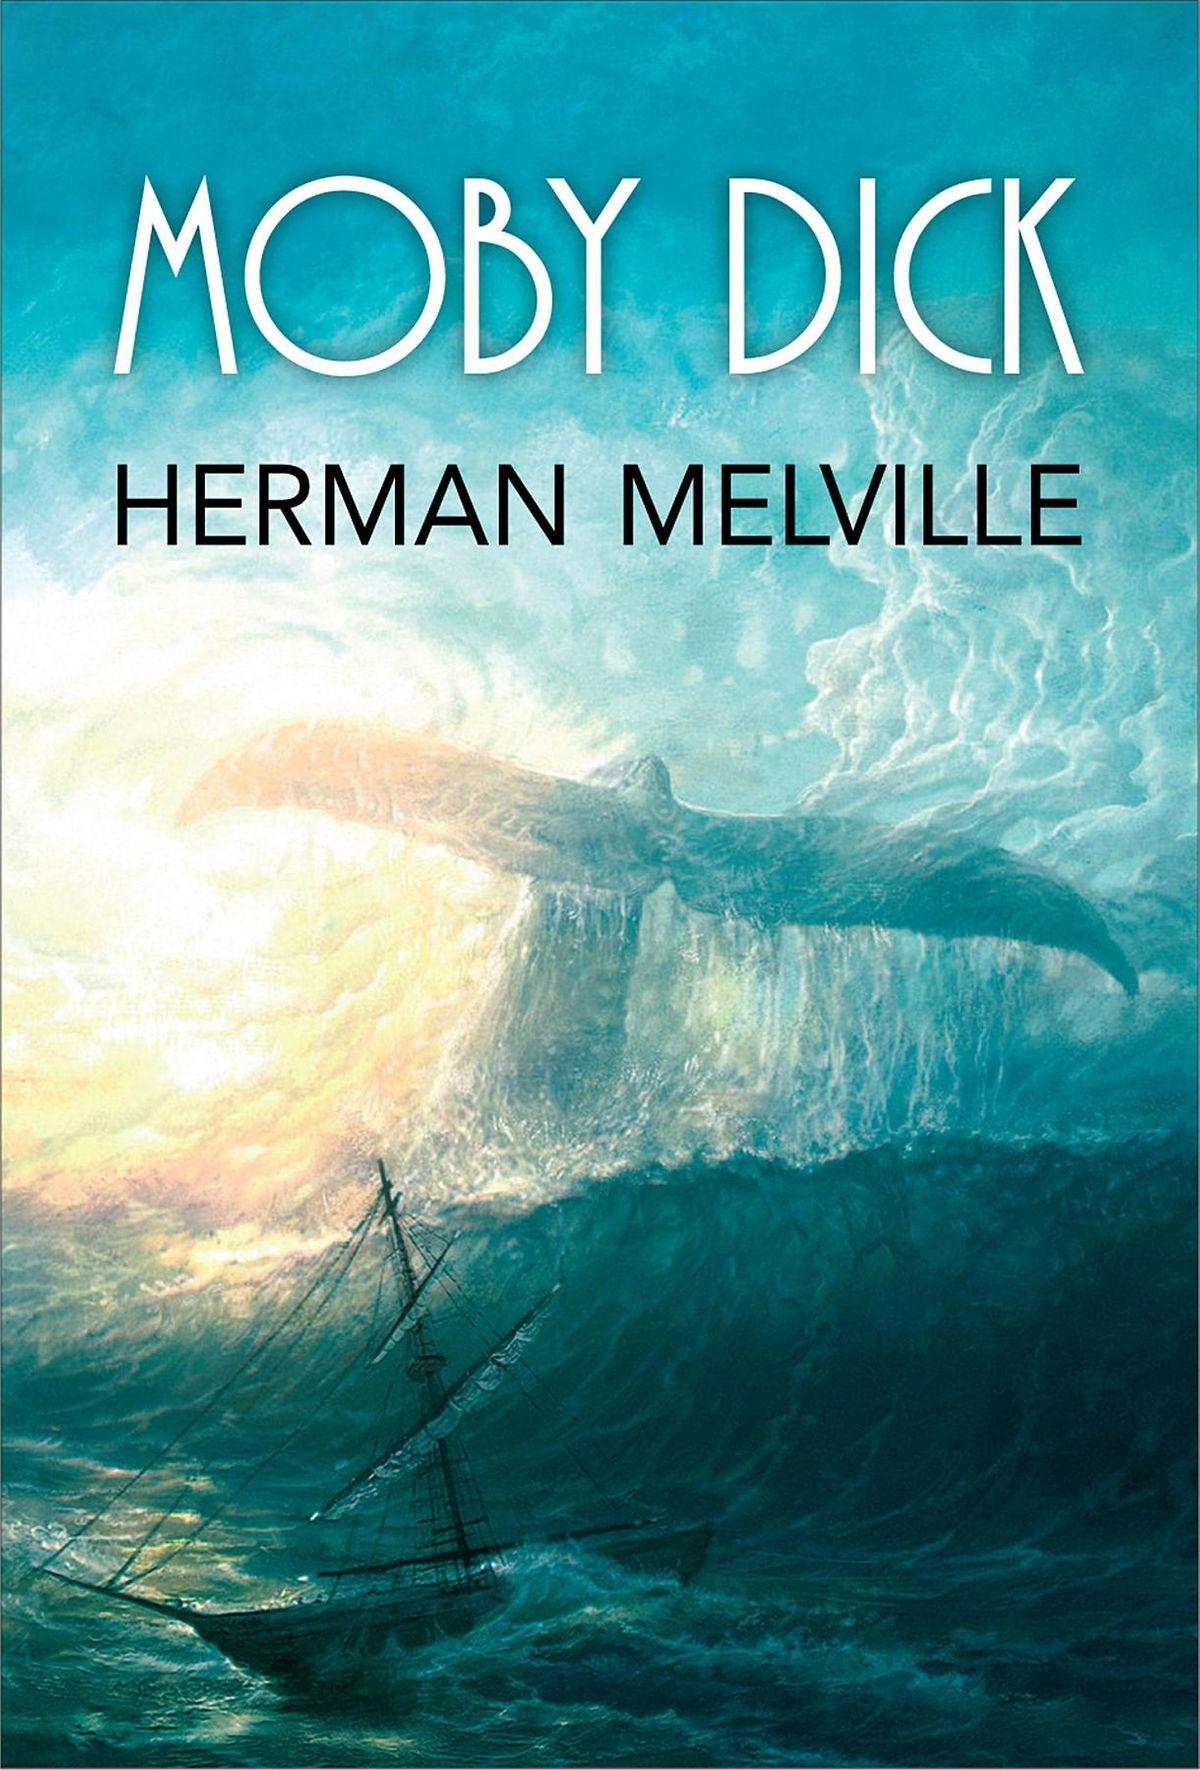 Tiểu thuyết Moby Dick của nhà văn Herman Melville. Ảnh: Kobo.